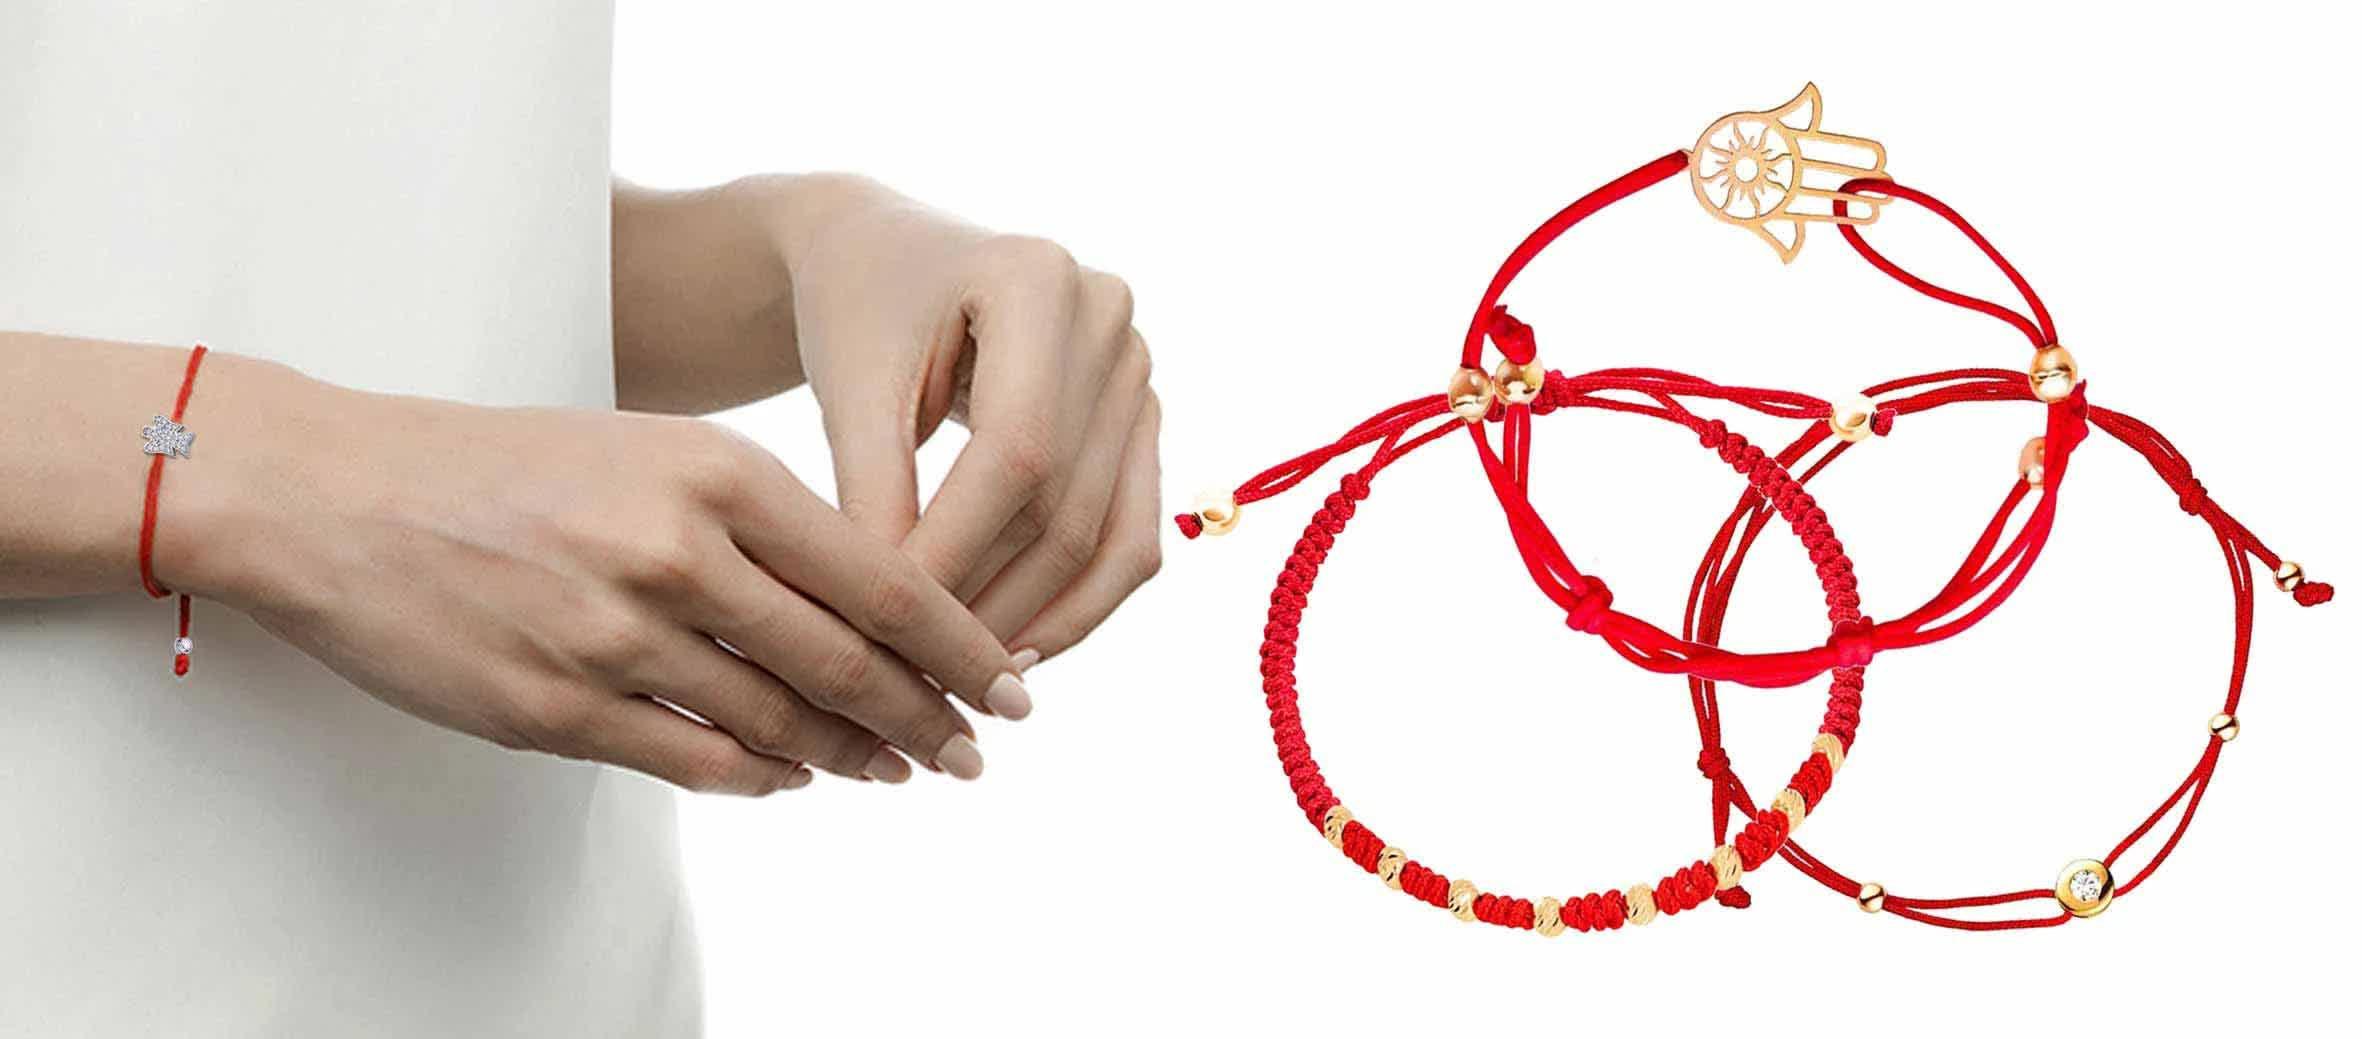 Красная нить с золотыми вставками и серебряными вставками, на руку.